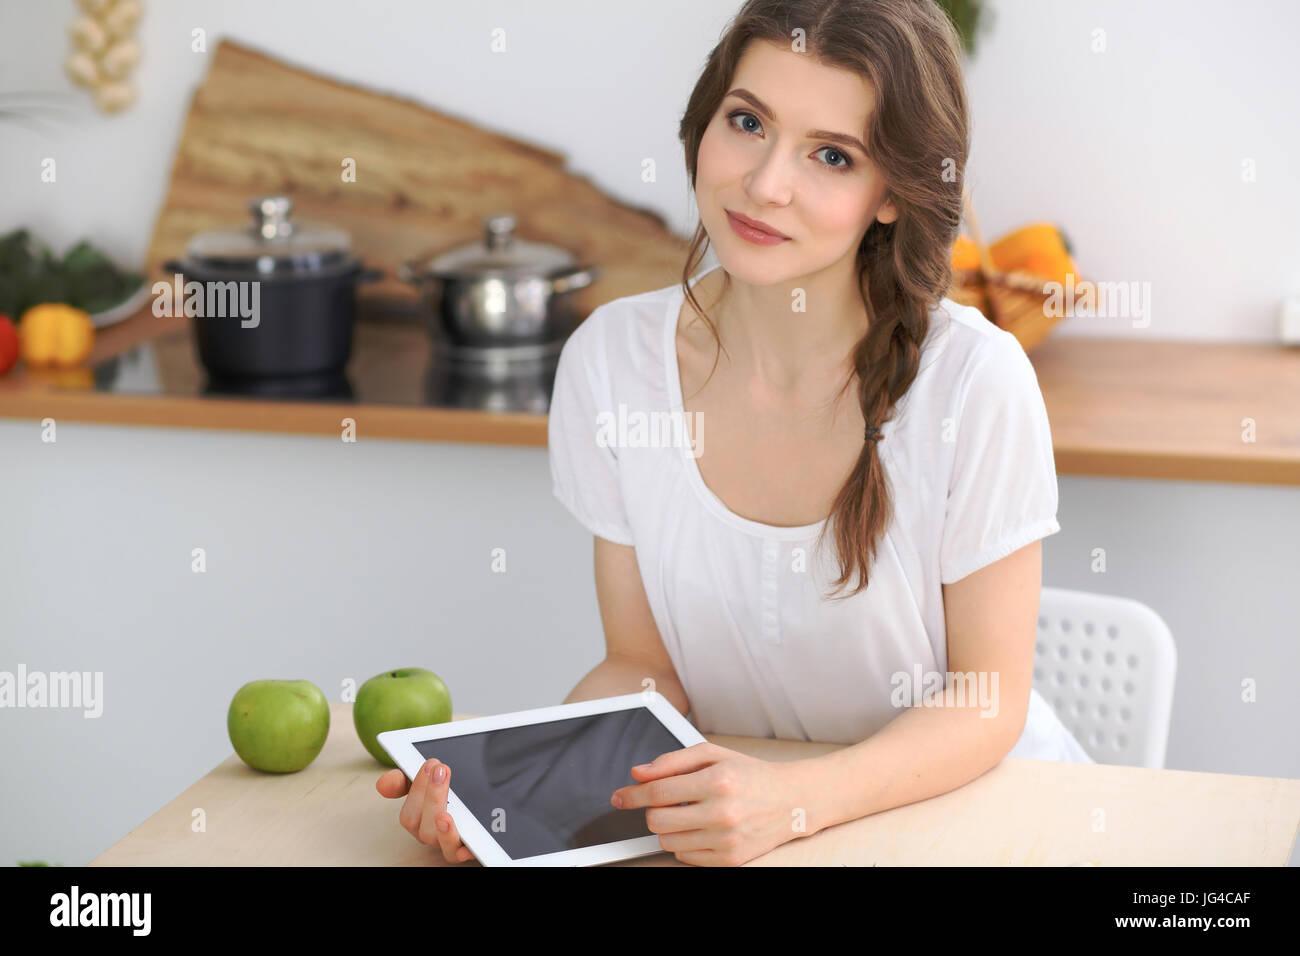 Mujer joven morenita es cocinar en la cocina. Ama de casa elige la mejor receta usando equipo de touchpad. Concepto Imagen De Stock